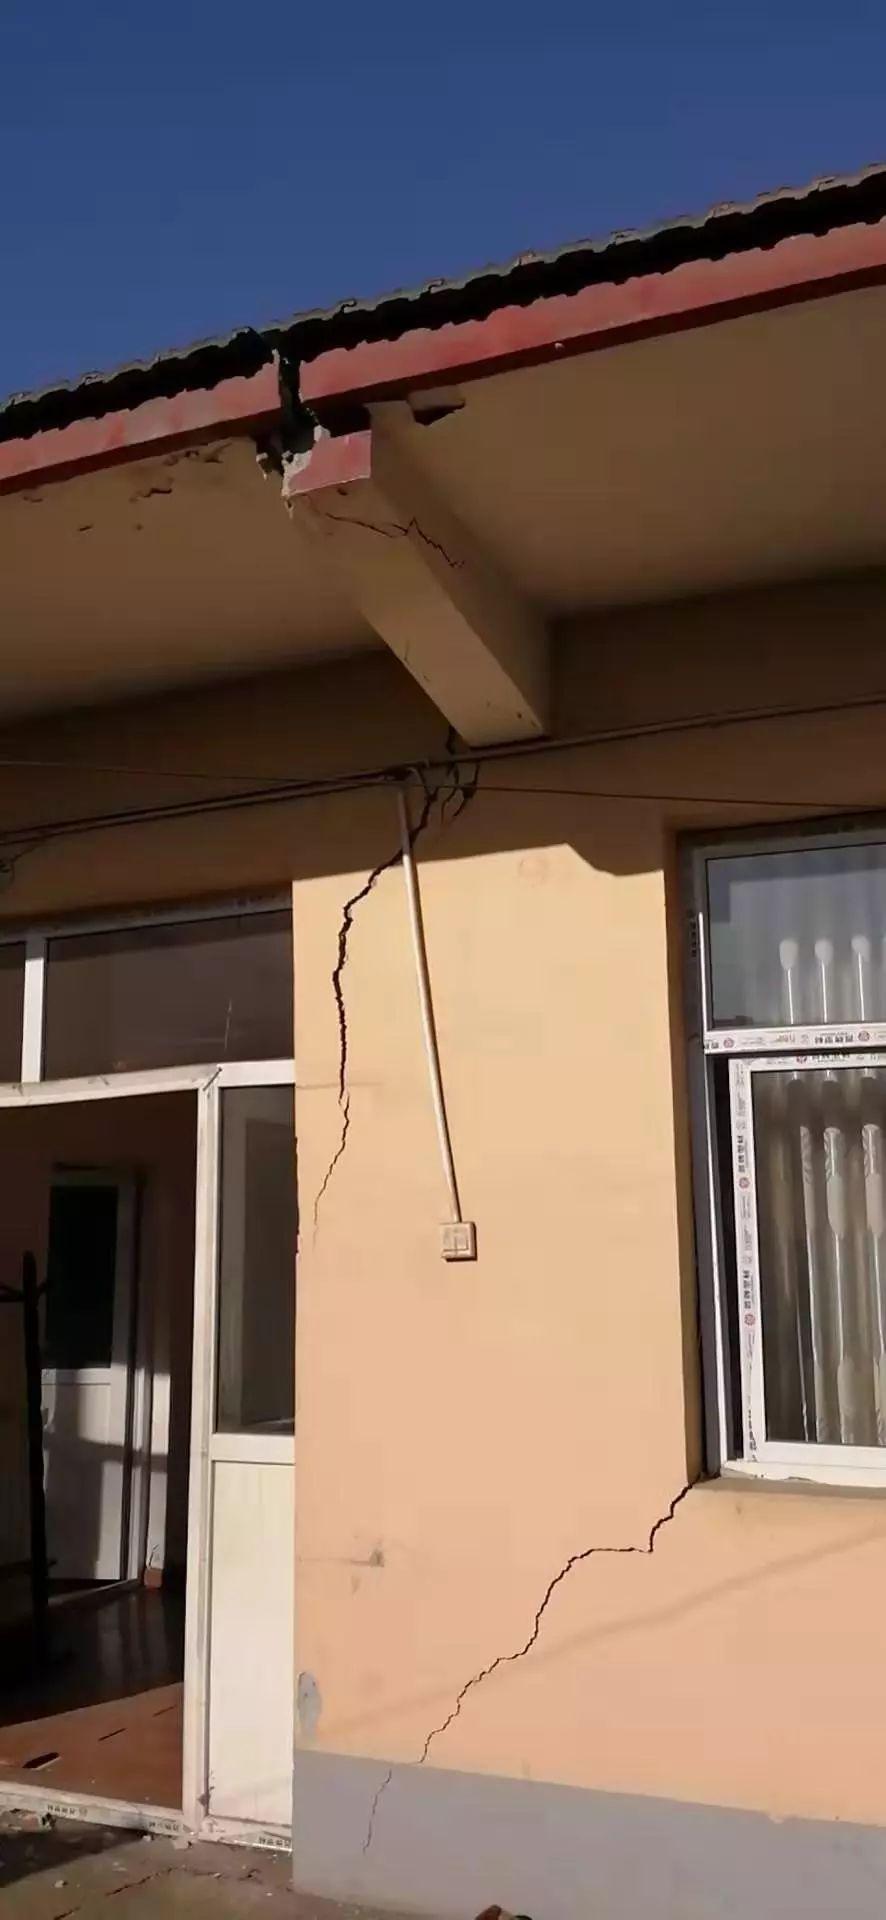 【聚焦】晋城两村40多户村民房屋开裂!